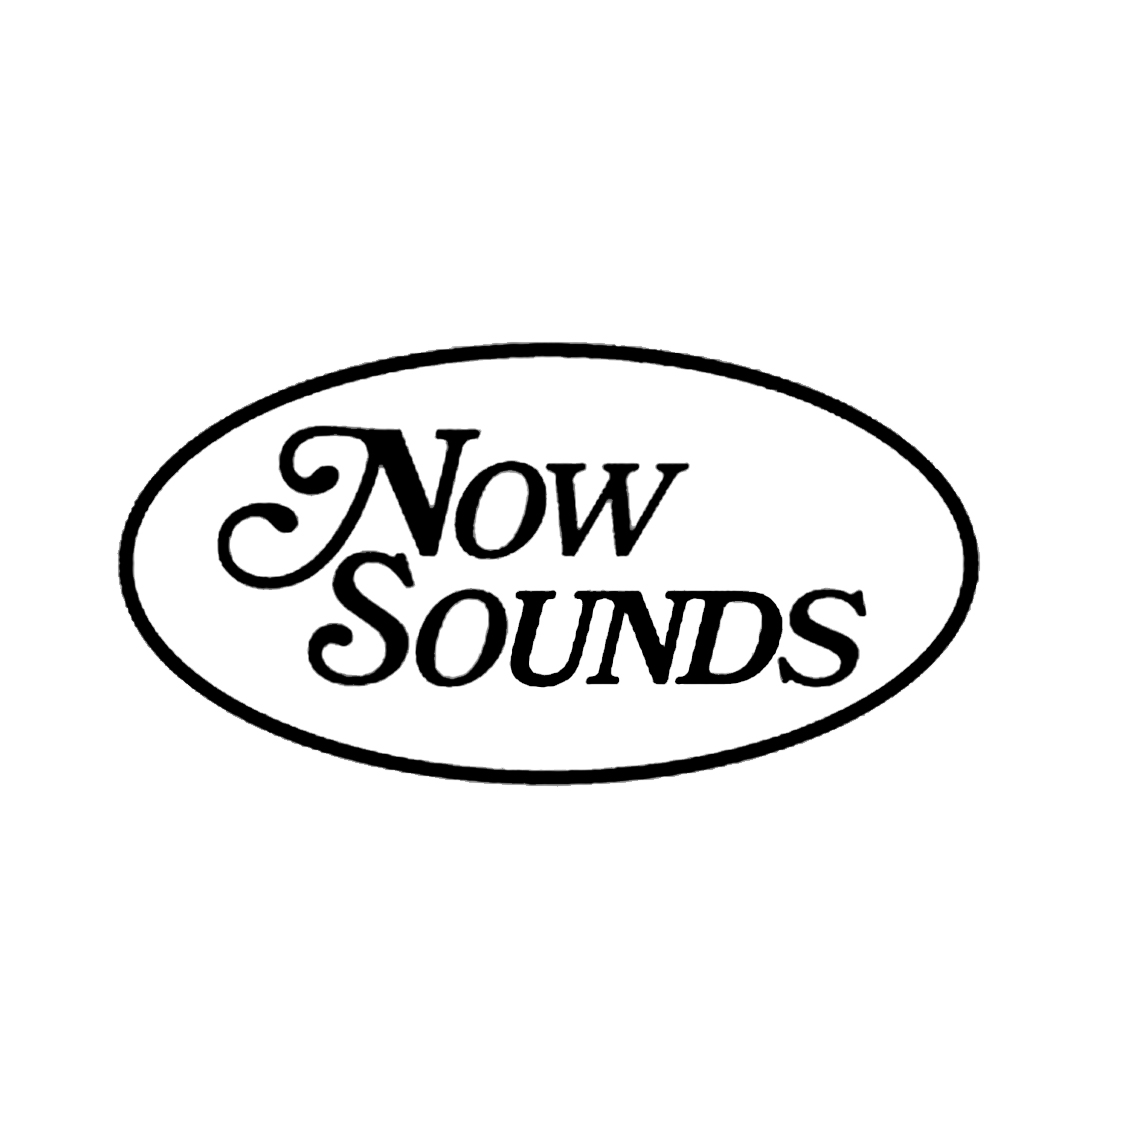 Orange pop records s profile hear the world s sounds - Orange Pop Records S Profile Hear The World S Sounds 13